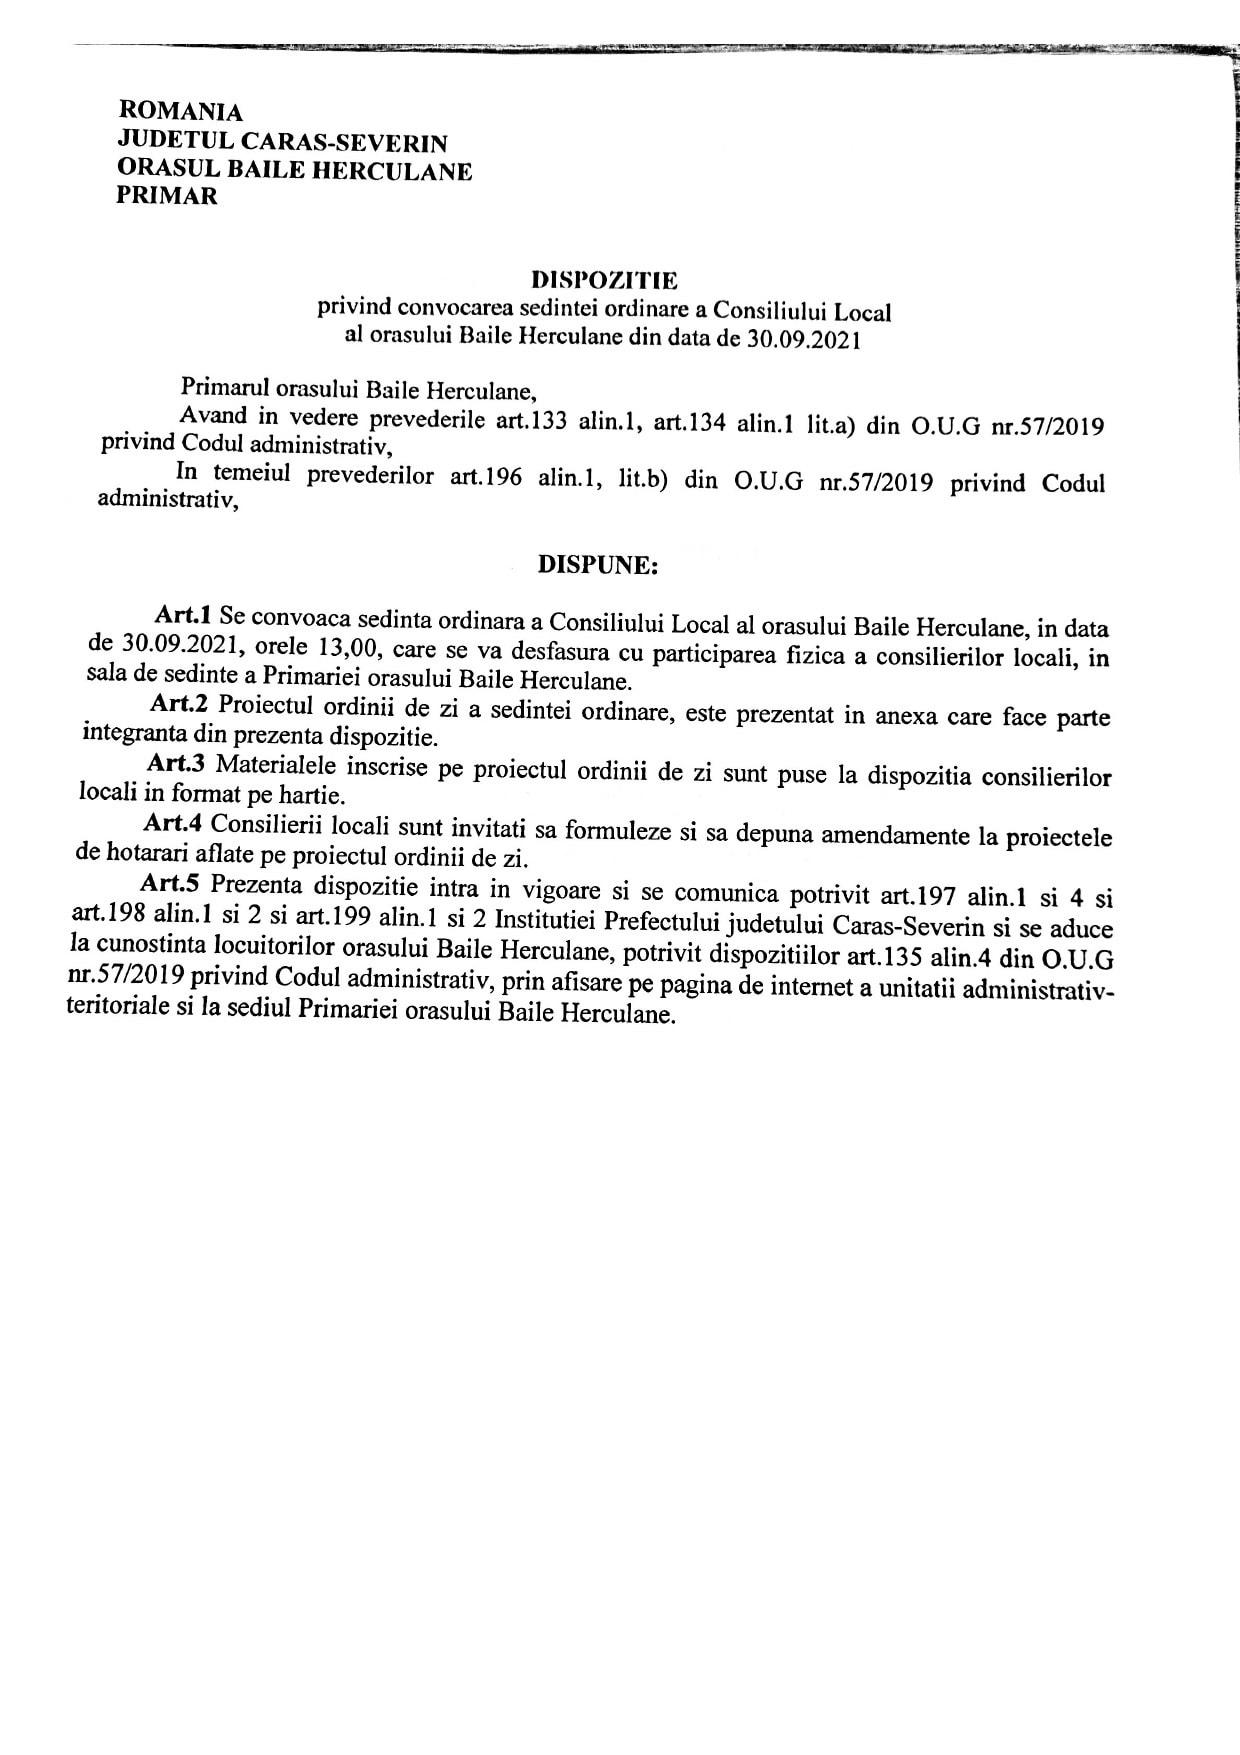 dispozitie convocare 30.09.2021 page 0001